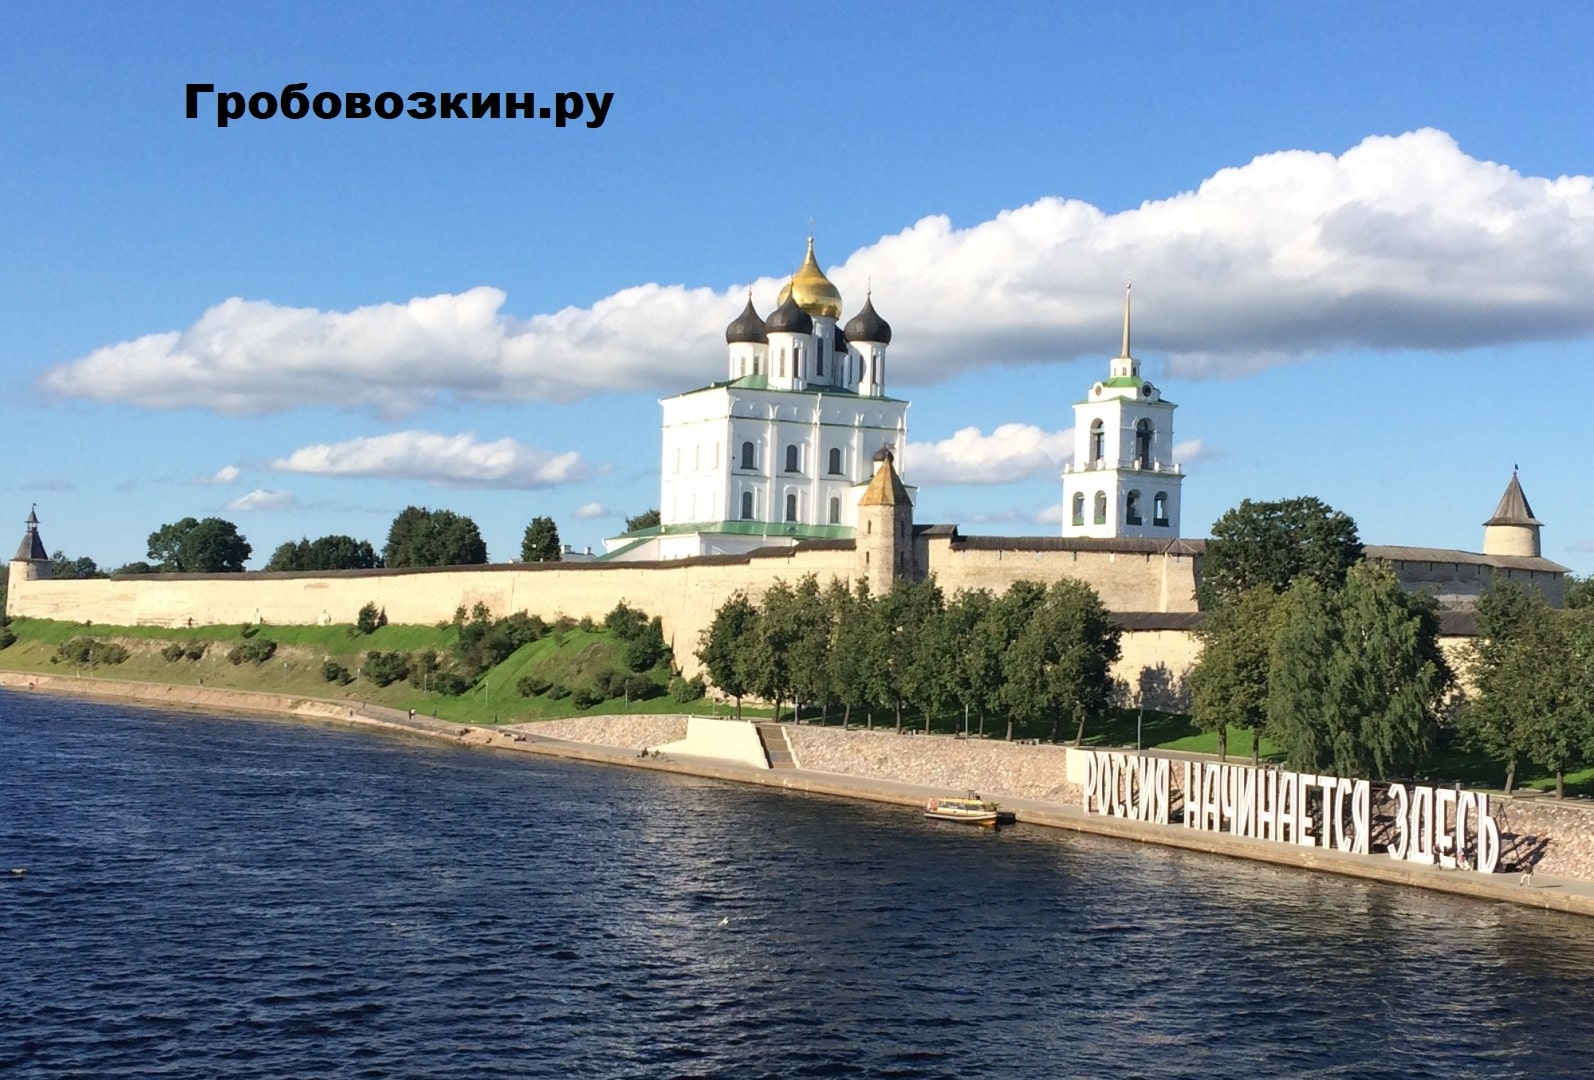 Перевозка умершего, умершей, гроба, груза 200 Москва Псков.